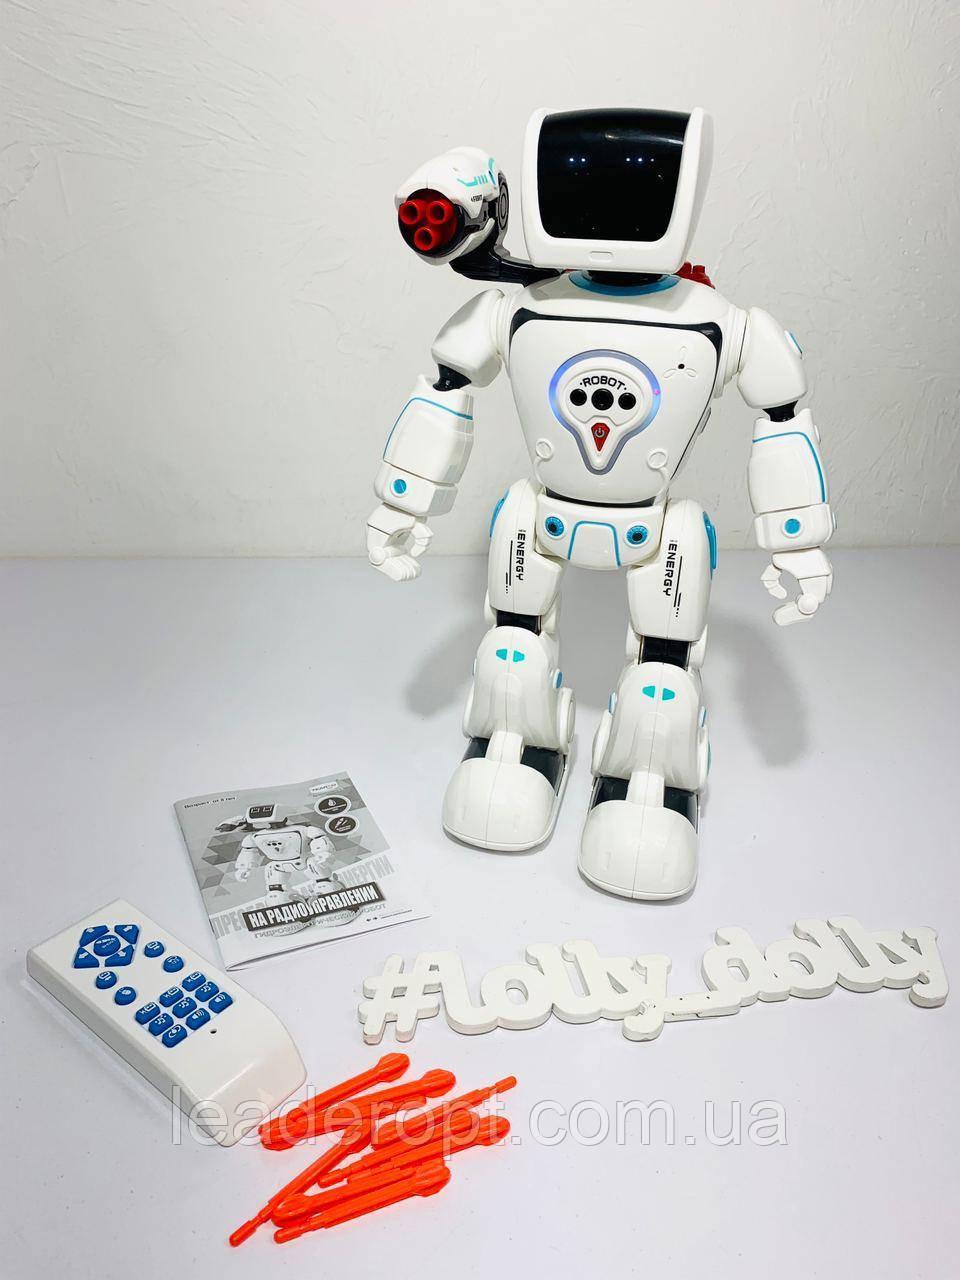 ОПТ Интерактивная игрушка робот 22005 на радиоуправлении